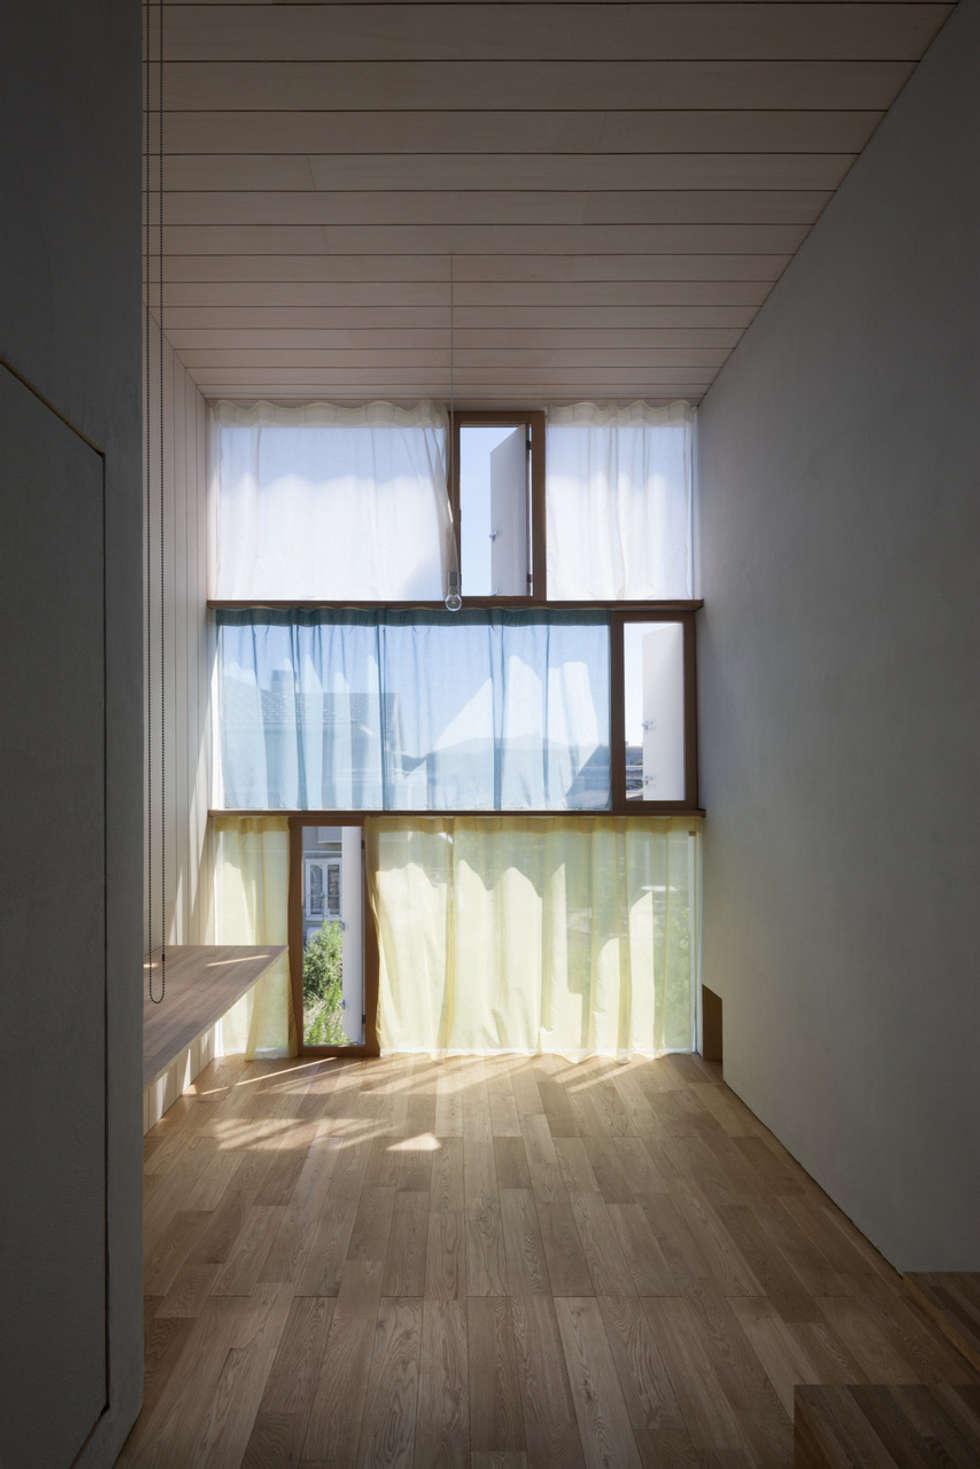 書斎東側の窓その1: ihrmkが手掛けた窓です。